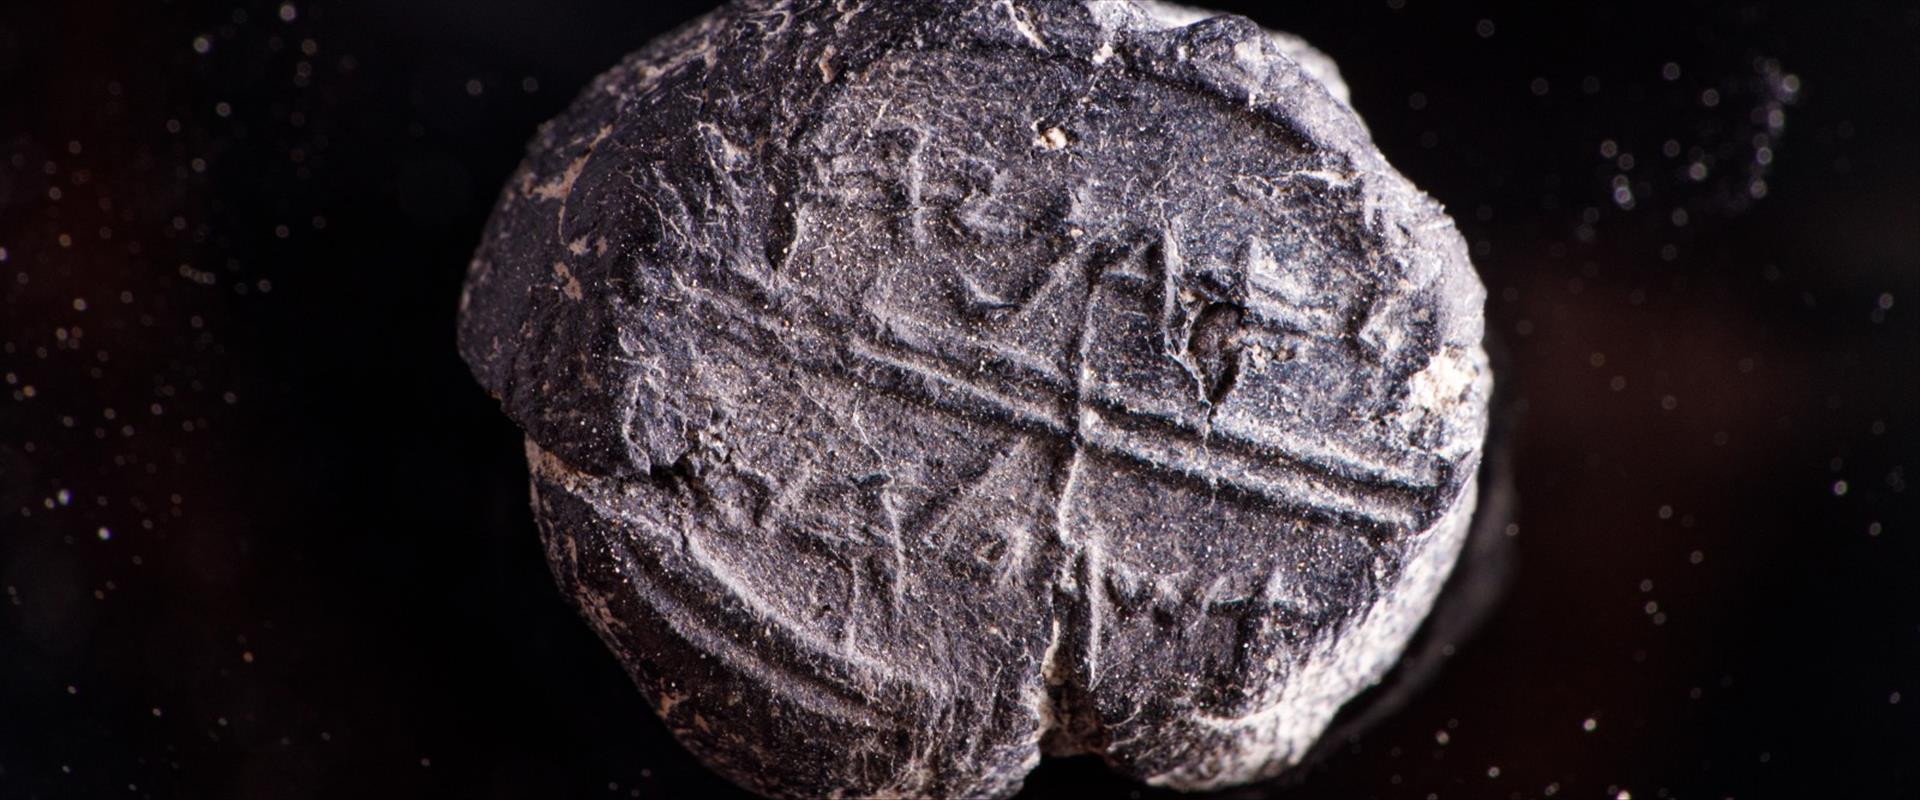 טביעת החותם שהתגלתה ליד עיר דוד